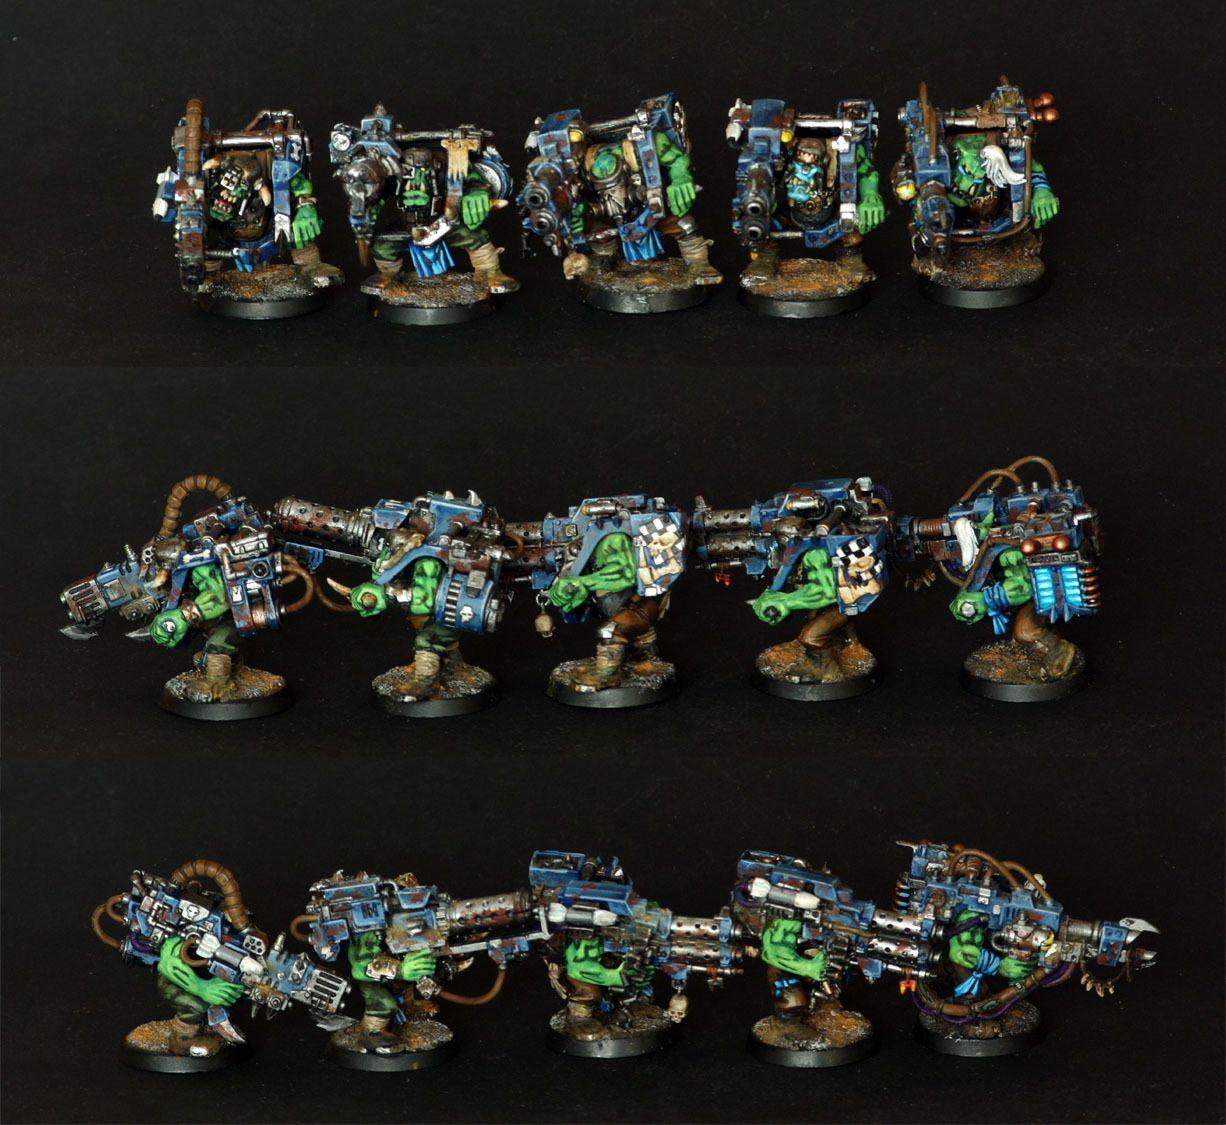 5X Ork Lootas Pro Painted Ork ORCS WH40K 40K eBay Mini